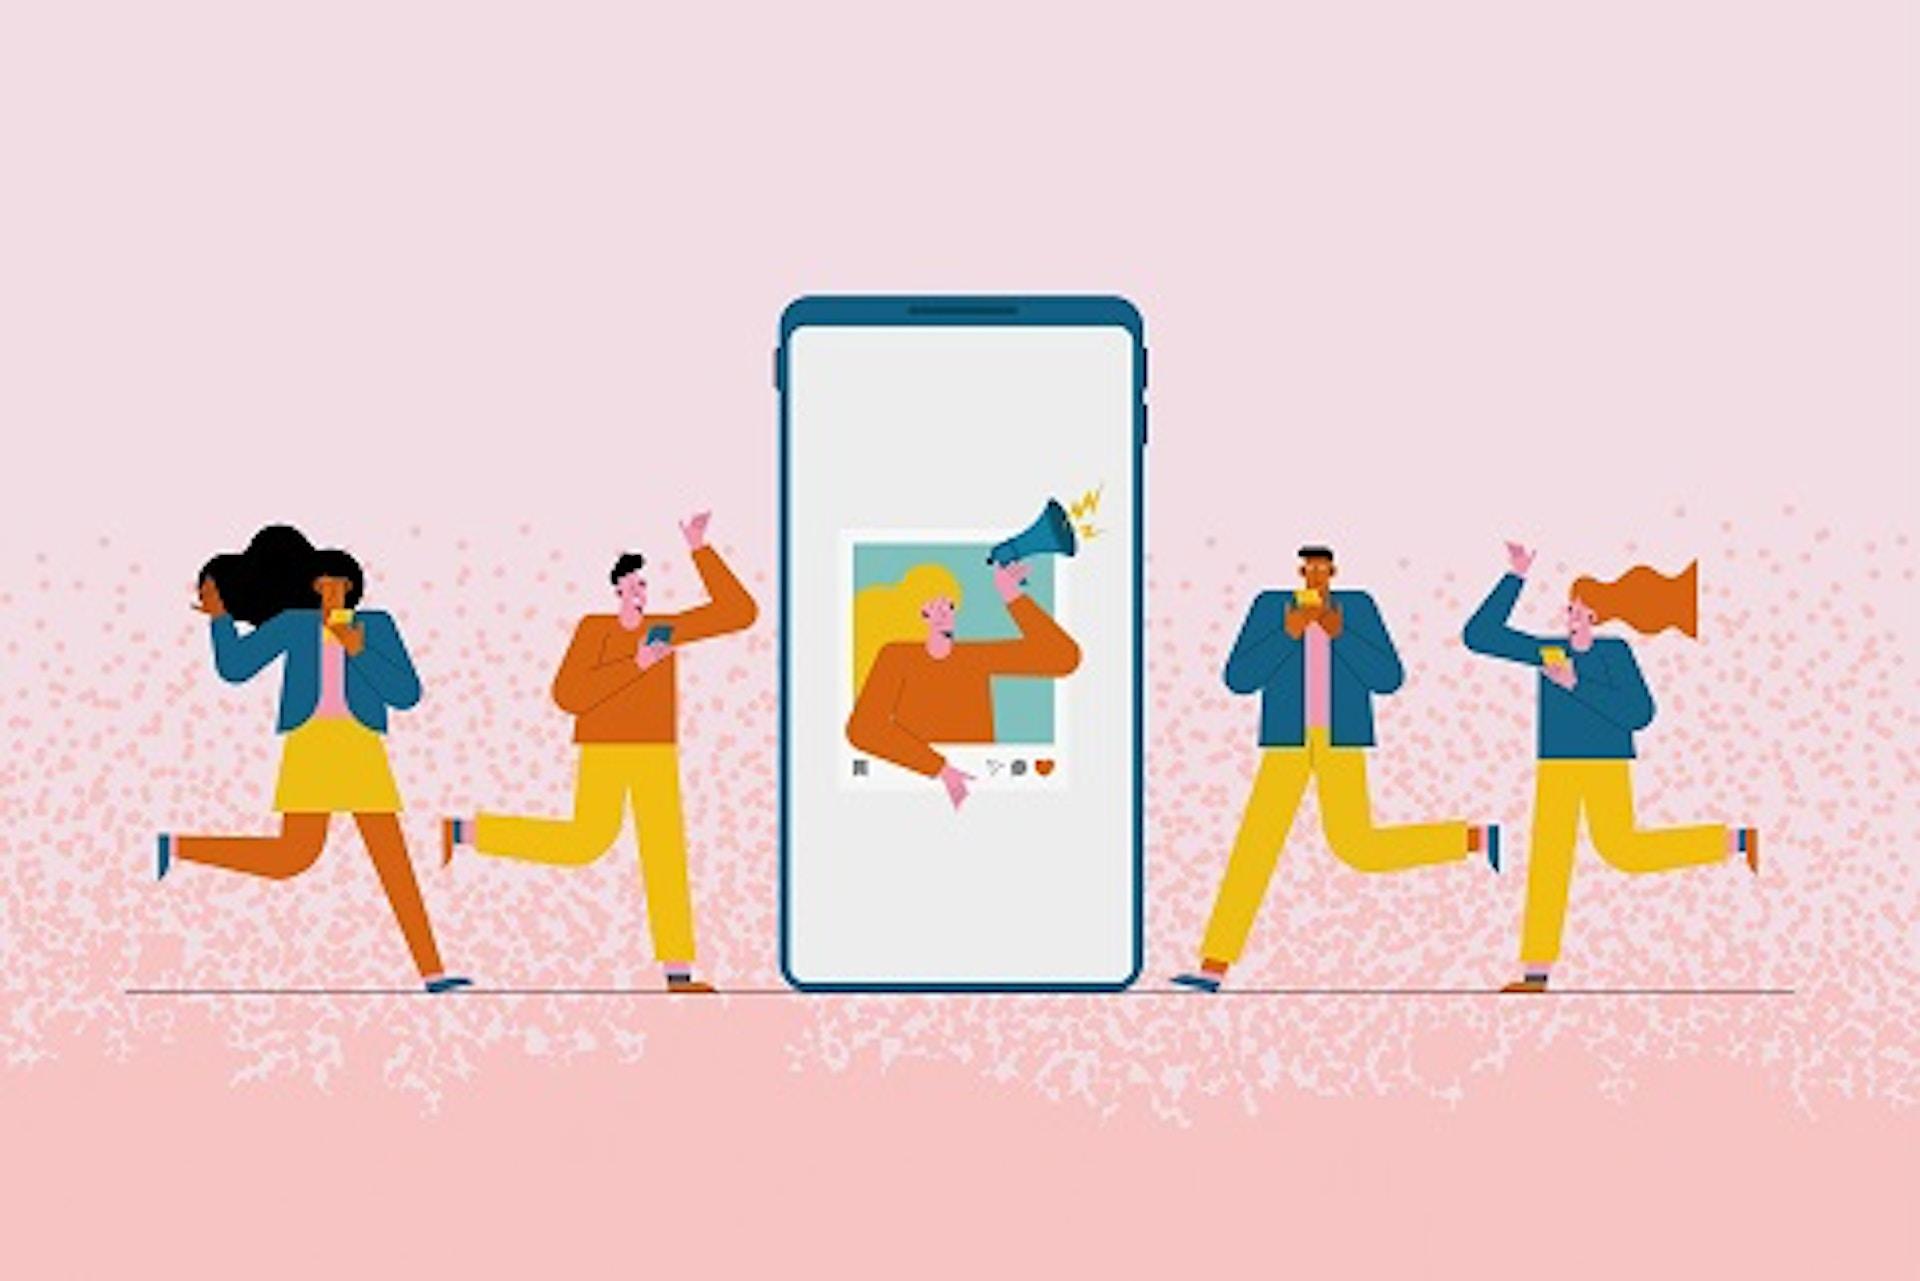 Man sieht eine Comic-Darstellung von Menschen, in der Mitte ist ein Smartphone zu sehen, in dem eine Person mit einem Megafon ruft. Das Bild ist das Titelbild für unseren Beitrag zu B2B Influencer Marketing